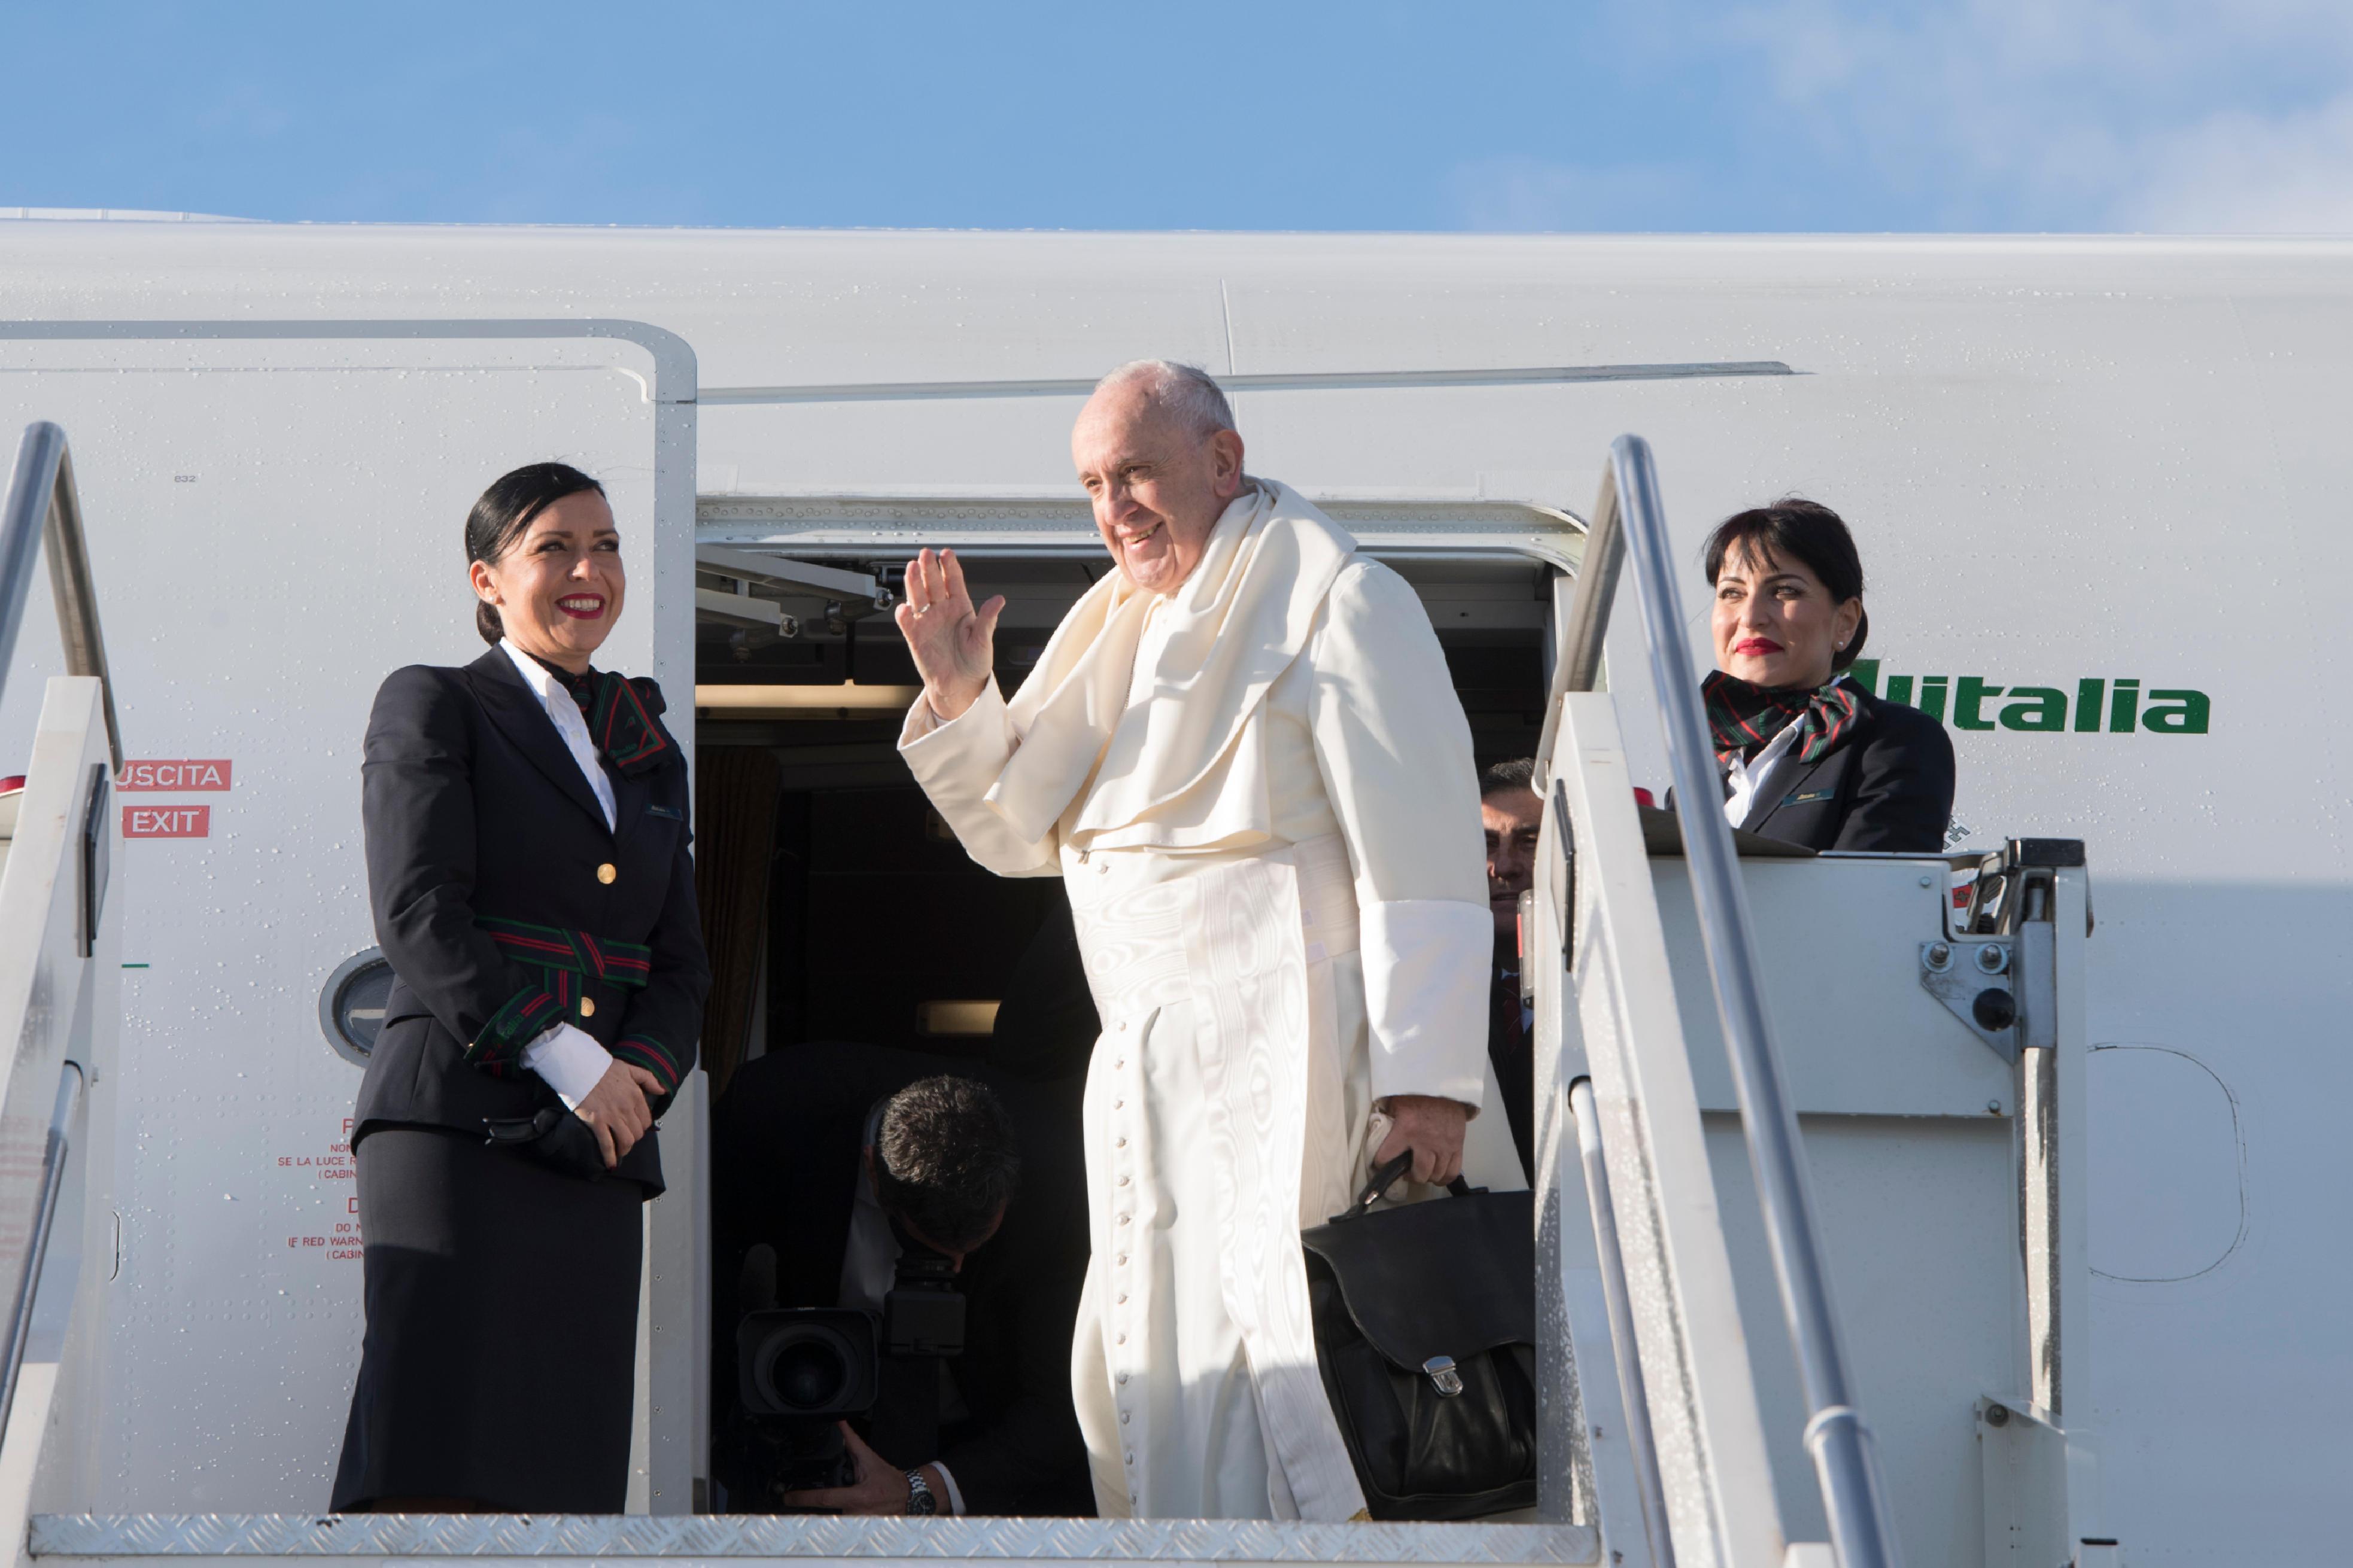 Vol avion de Rome au Panama pour les JMJ © Vatican News